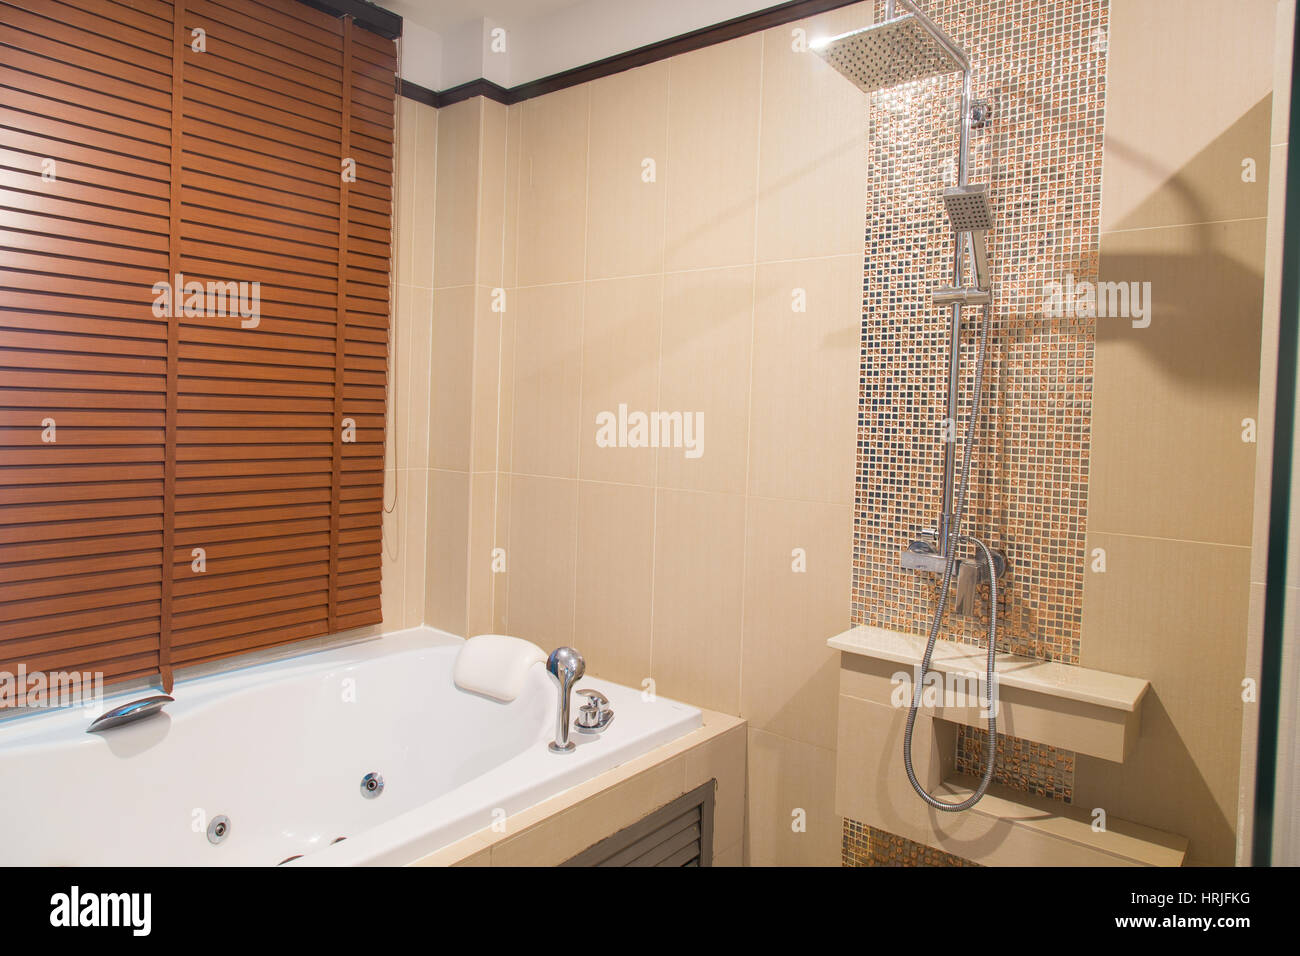 Moderno bagno interno con tonalità arancione foto immagine stock